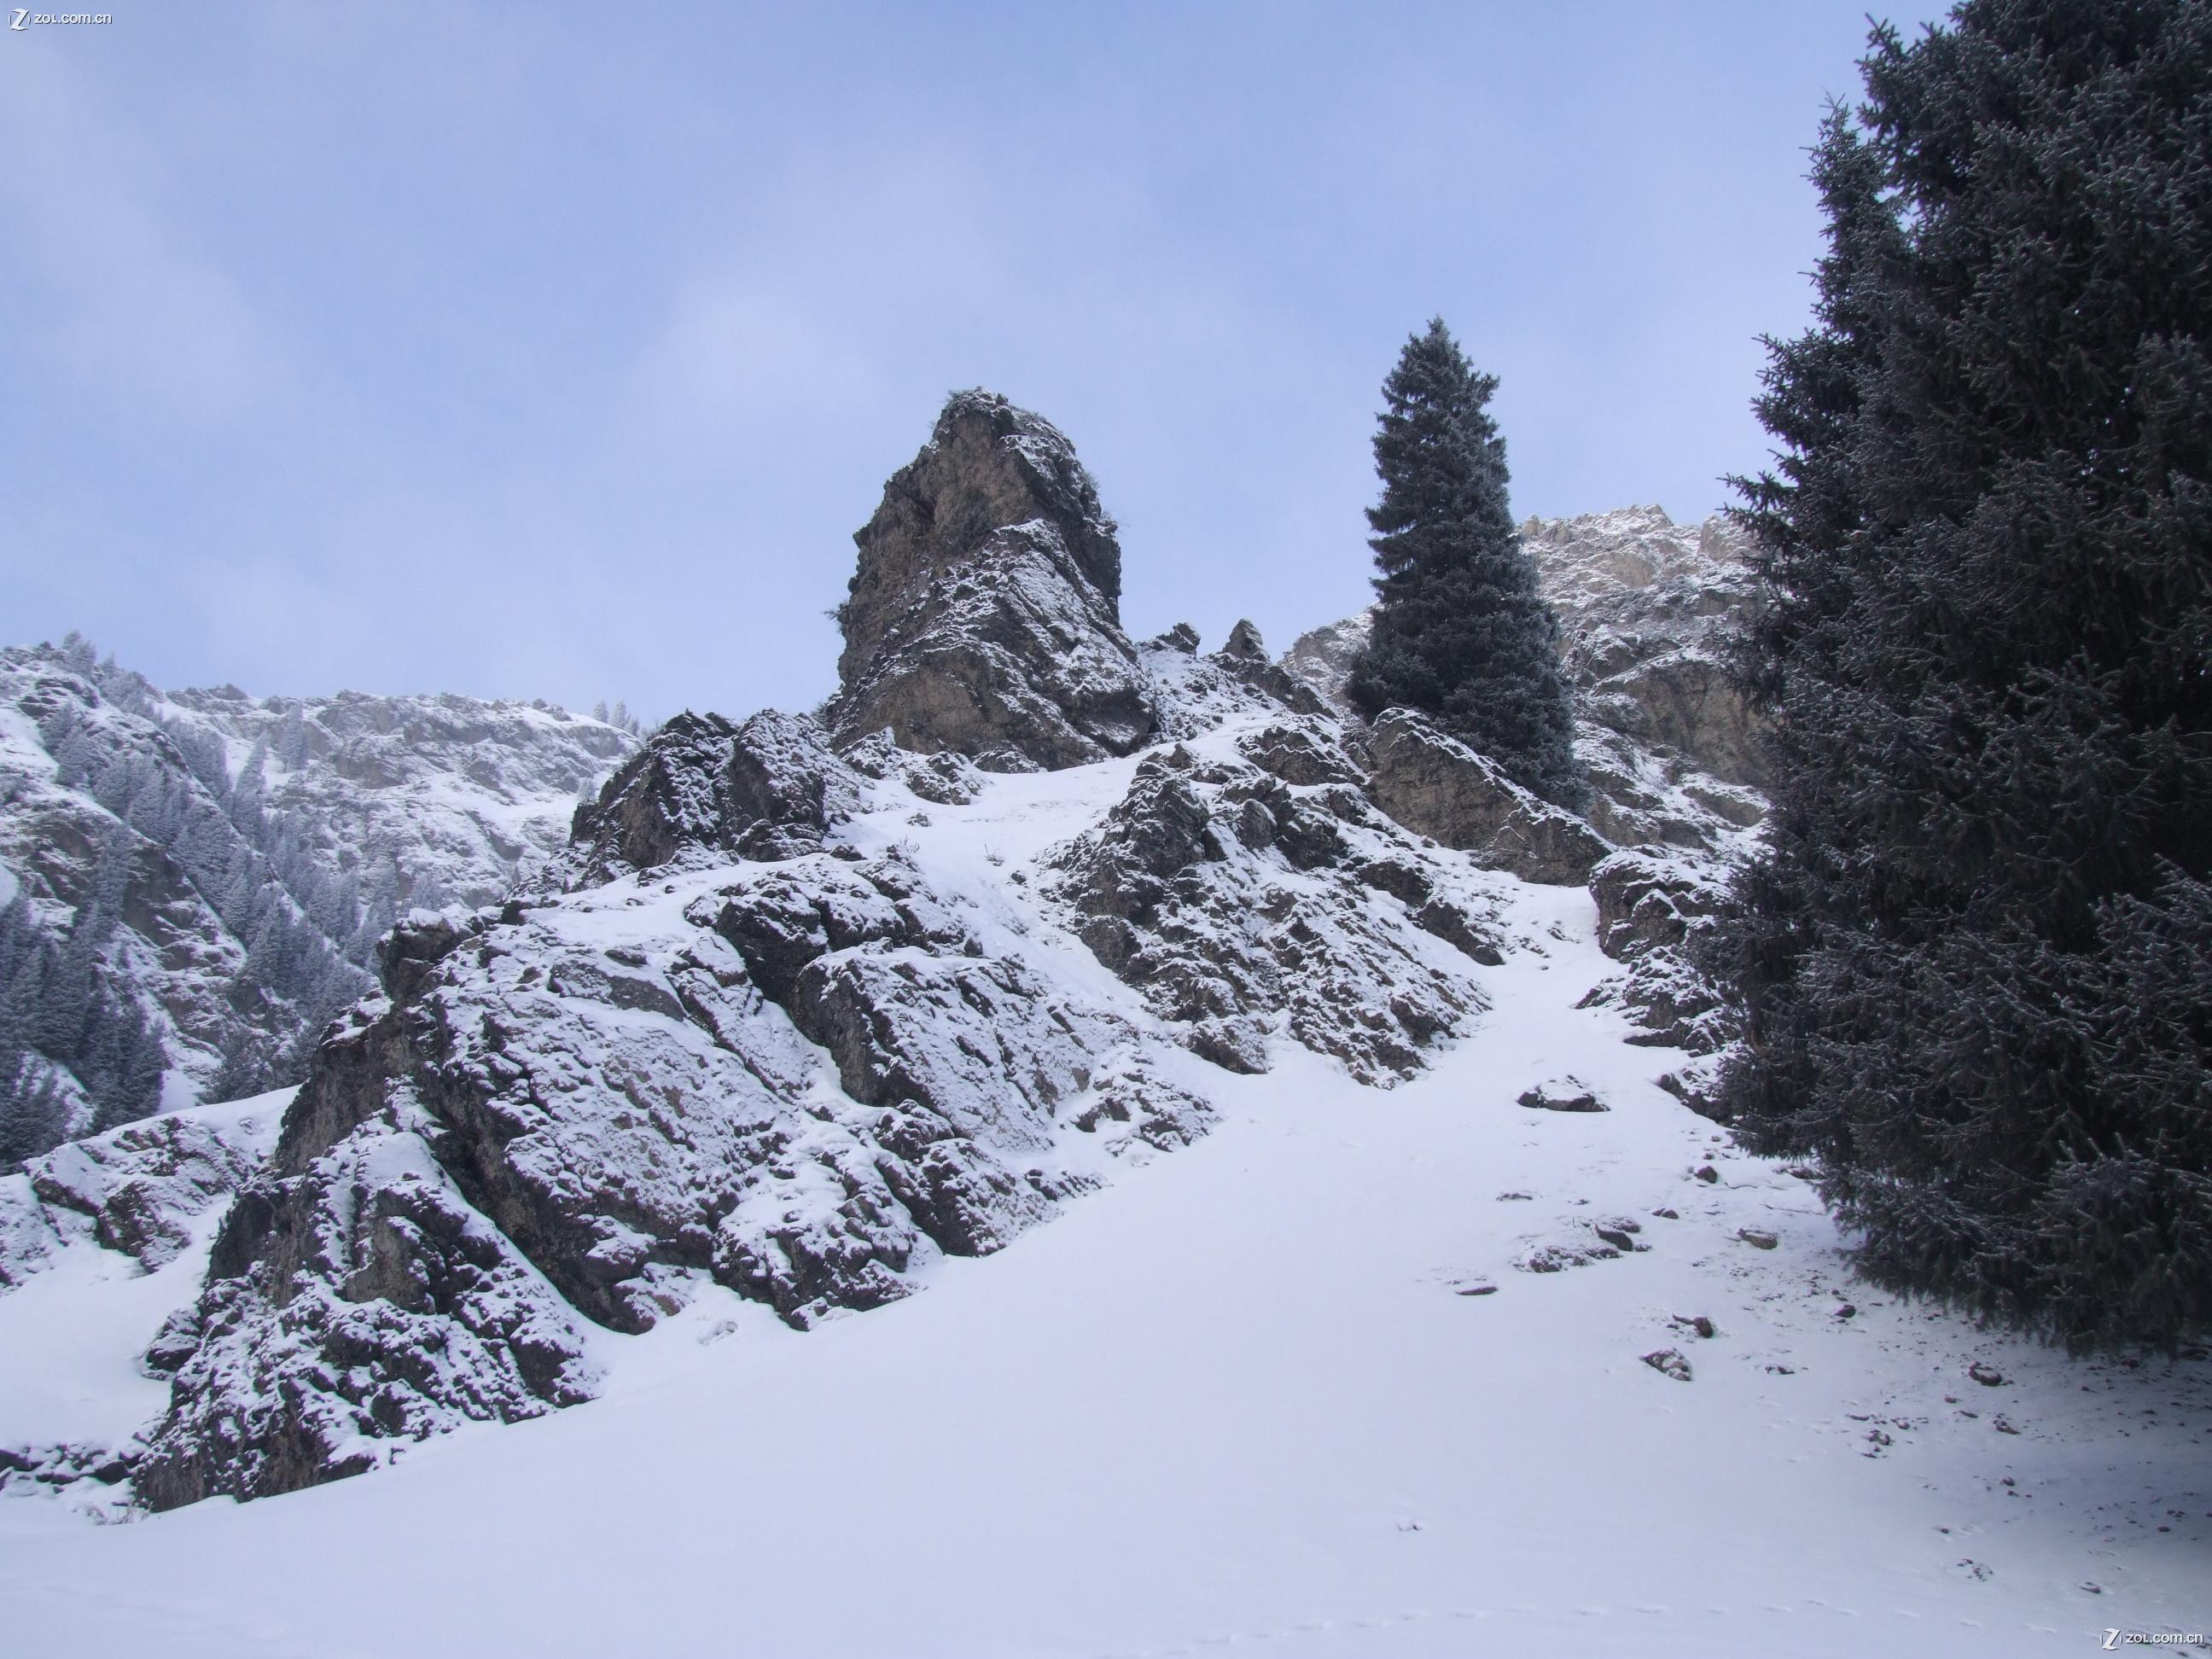 【看看乌鲁木齐南山的雪景】富士